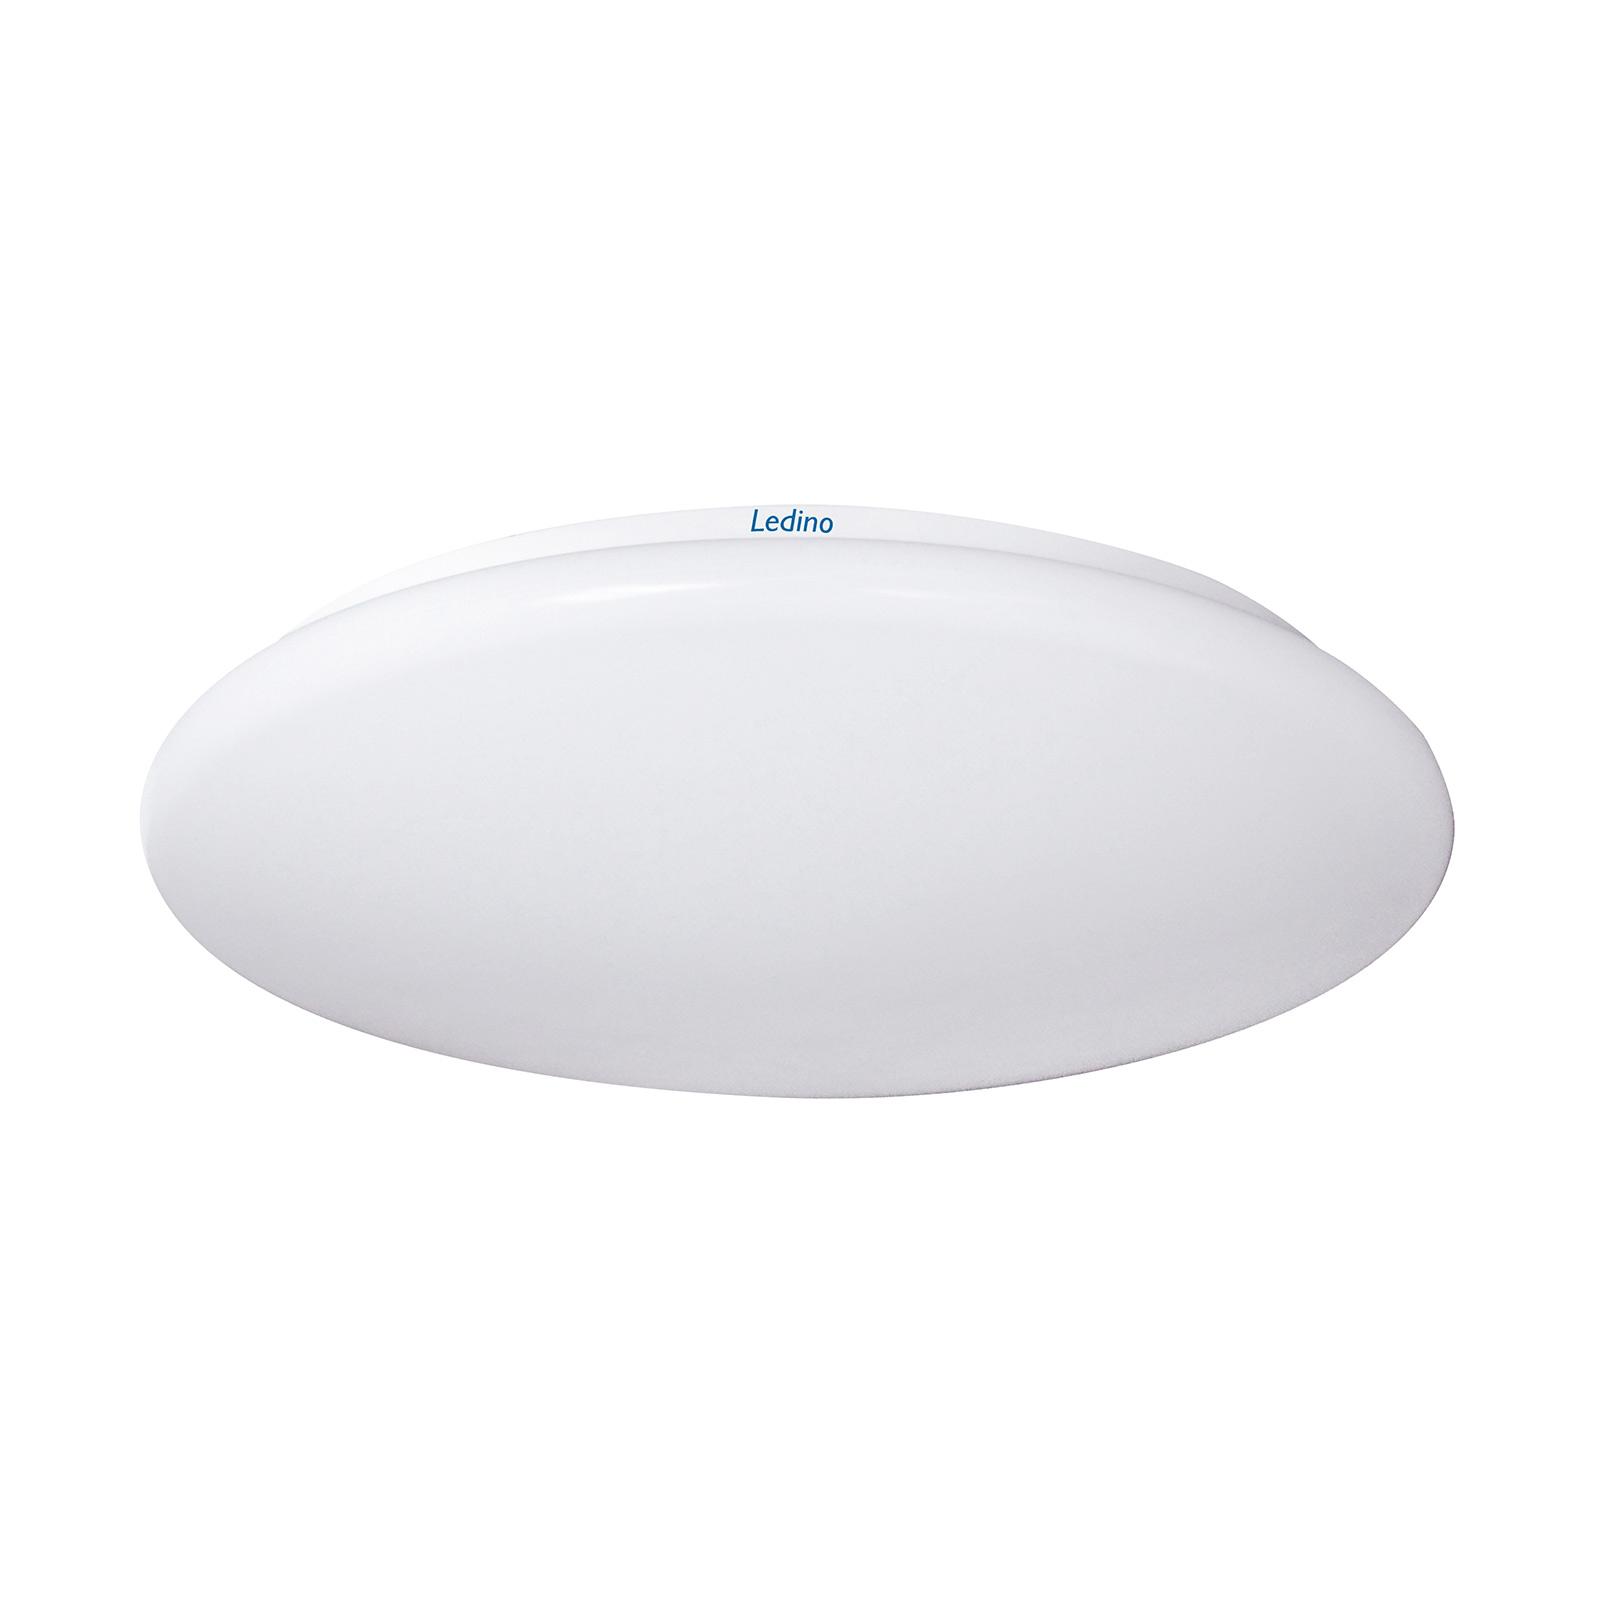 Acquista Plafoniera LED Altona MN3, bianco neutro Ø 32,8cm